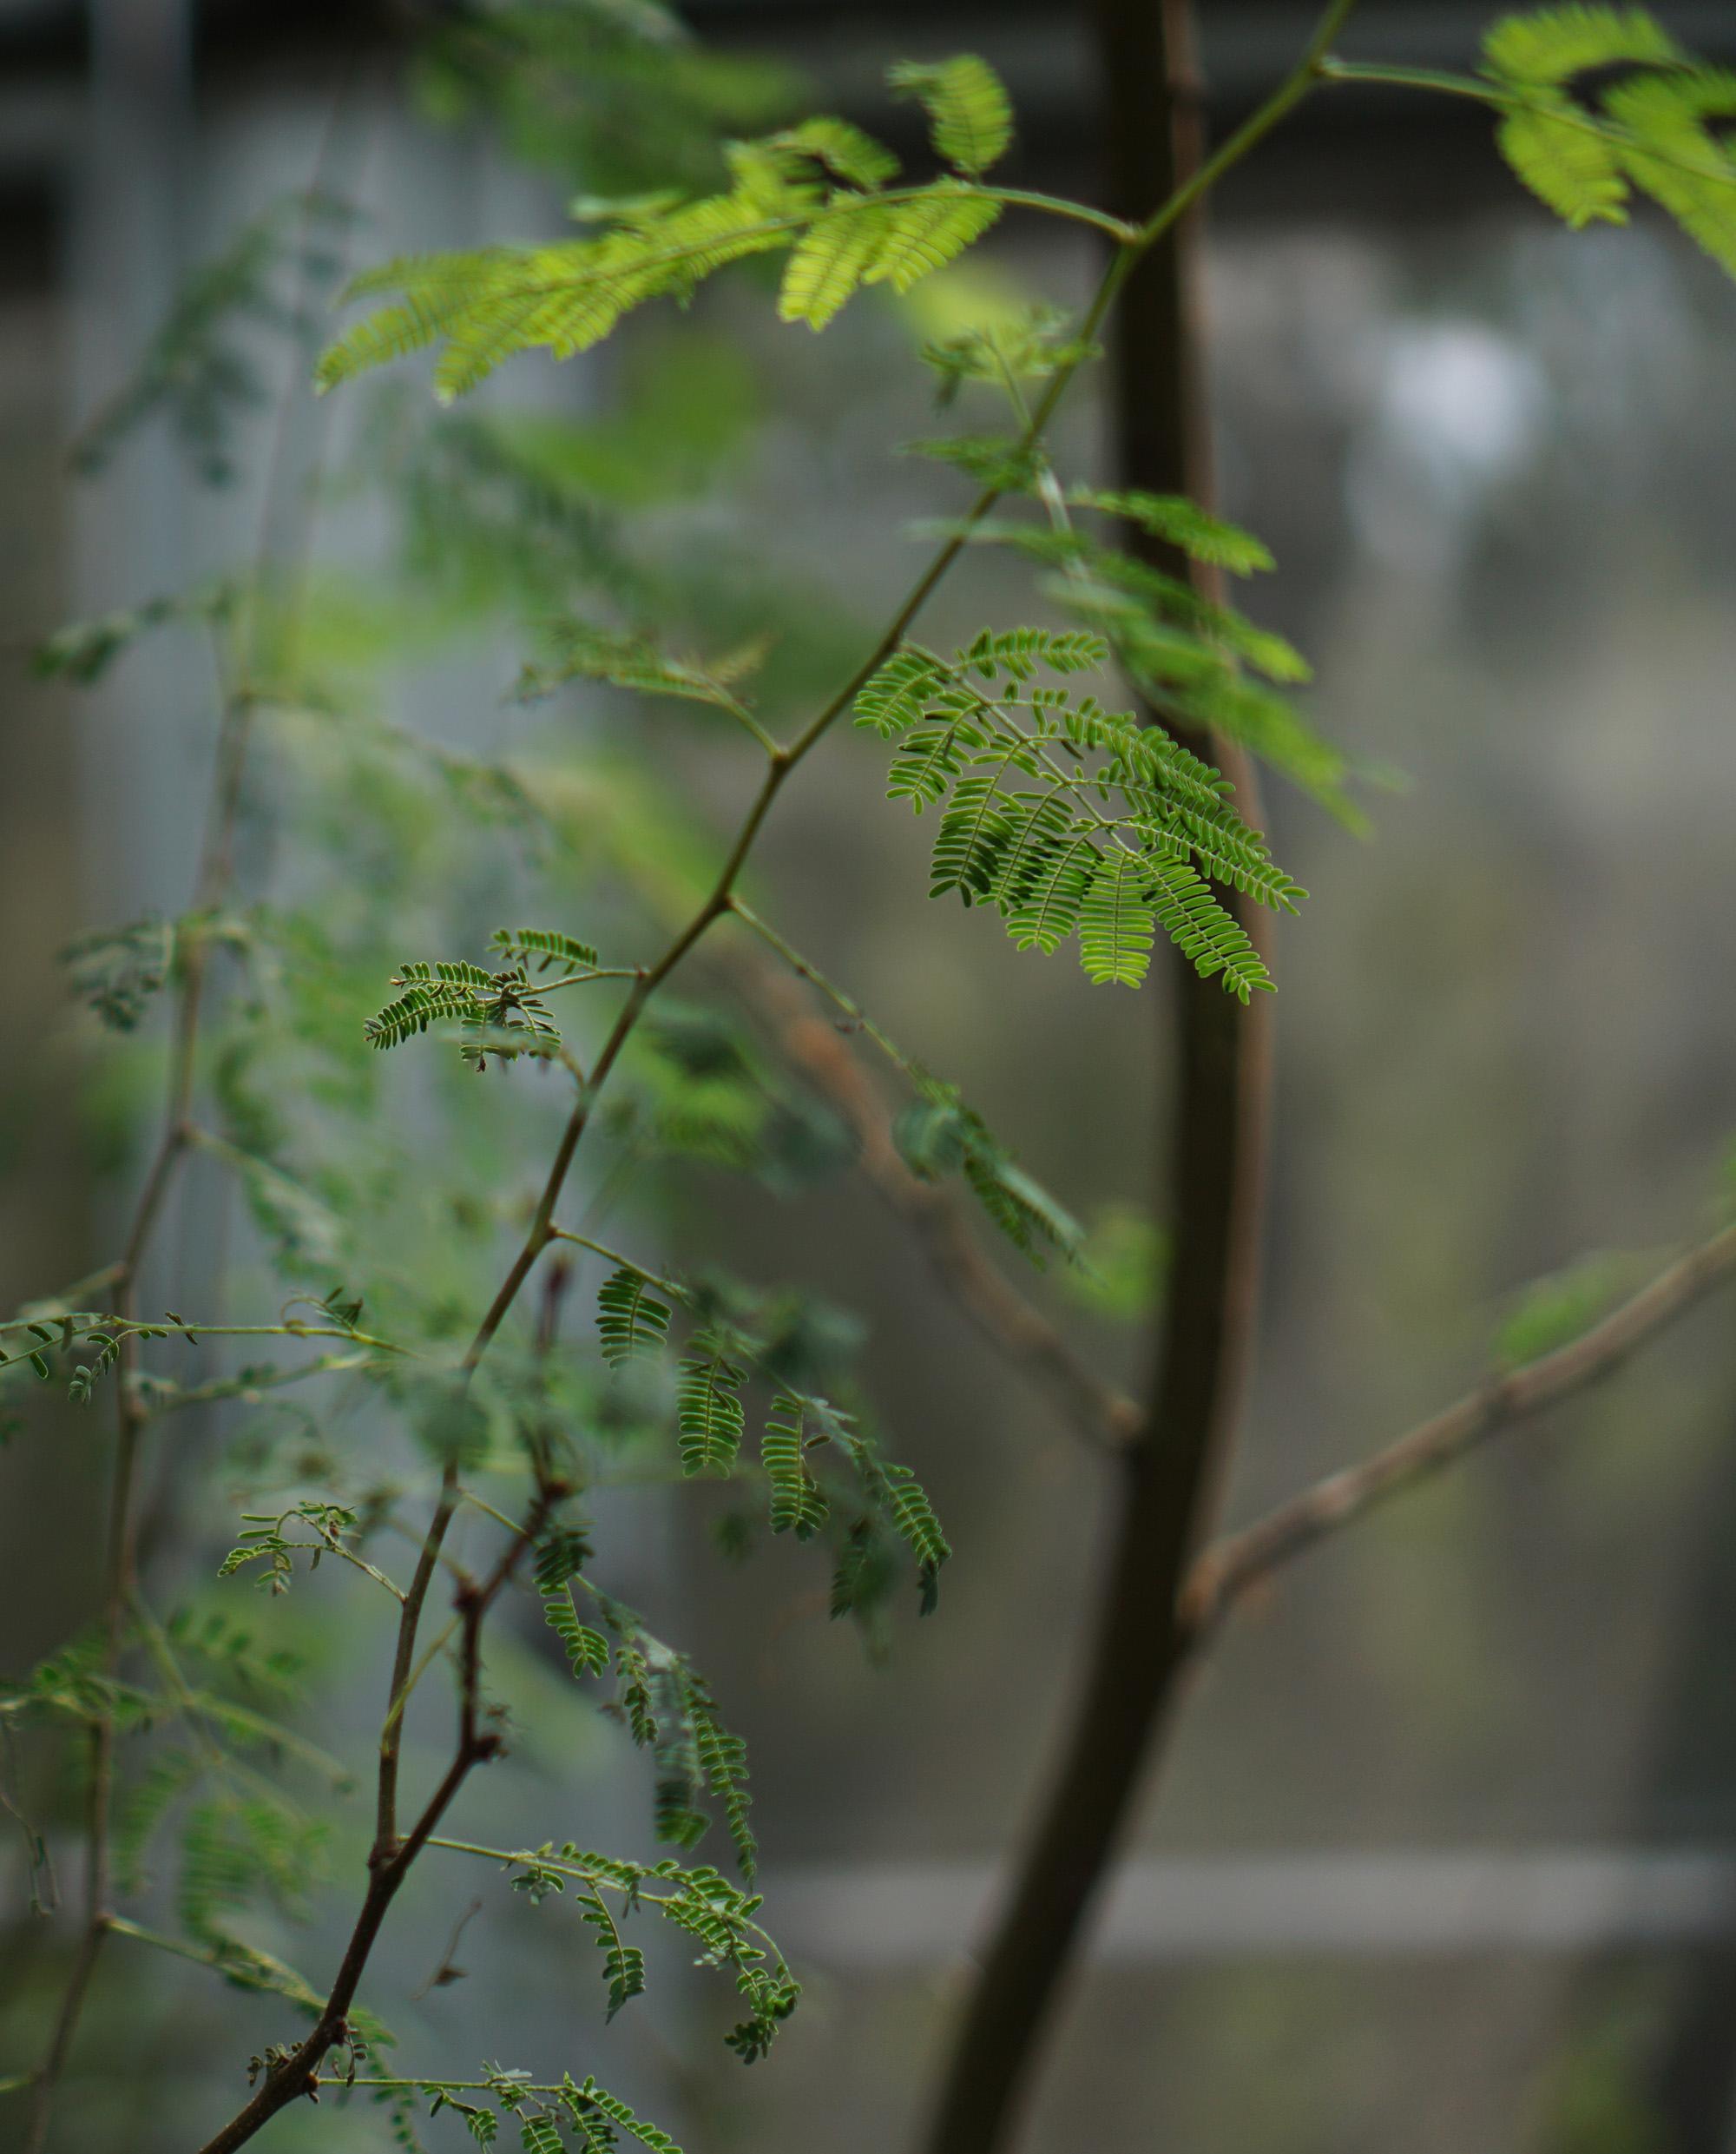 In the desert house, Chicago Botanic Garden / Darker than Green